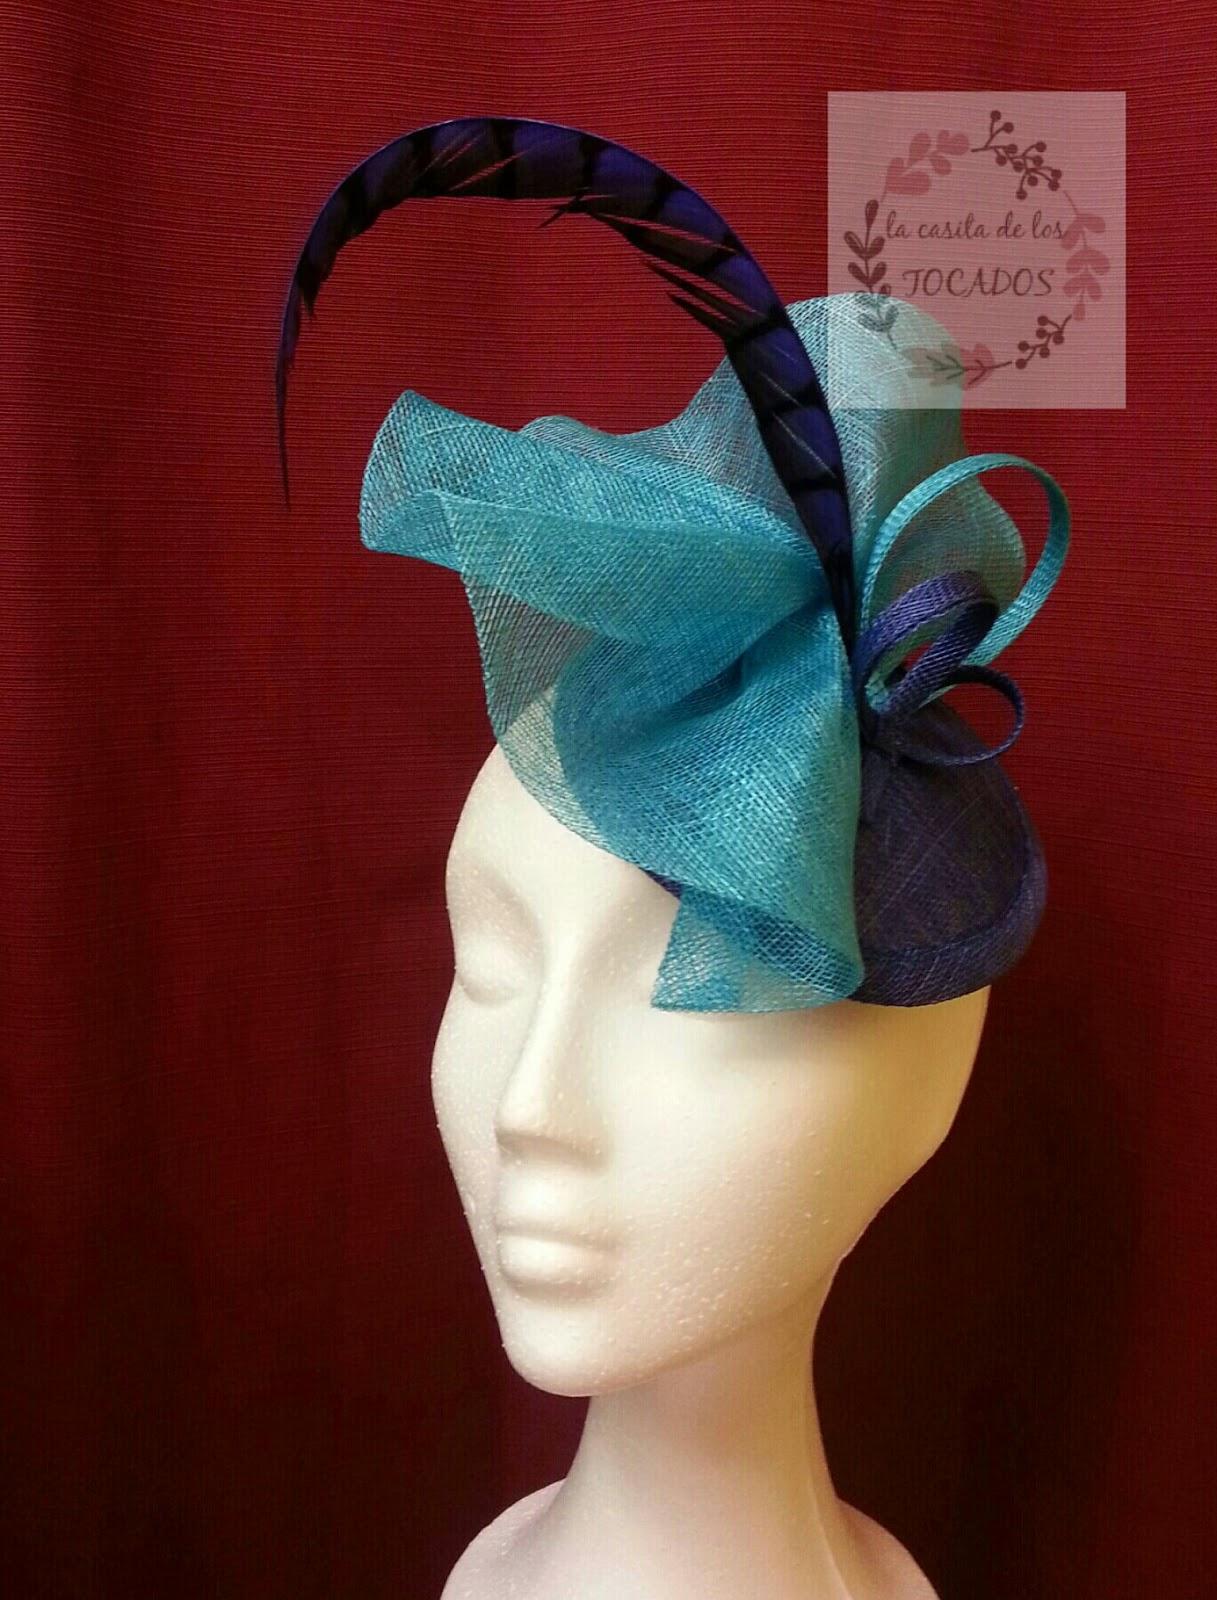 tocado realizado en colores azulón y azul turquesa, moderno y original con pluma de faisán en azulón